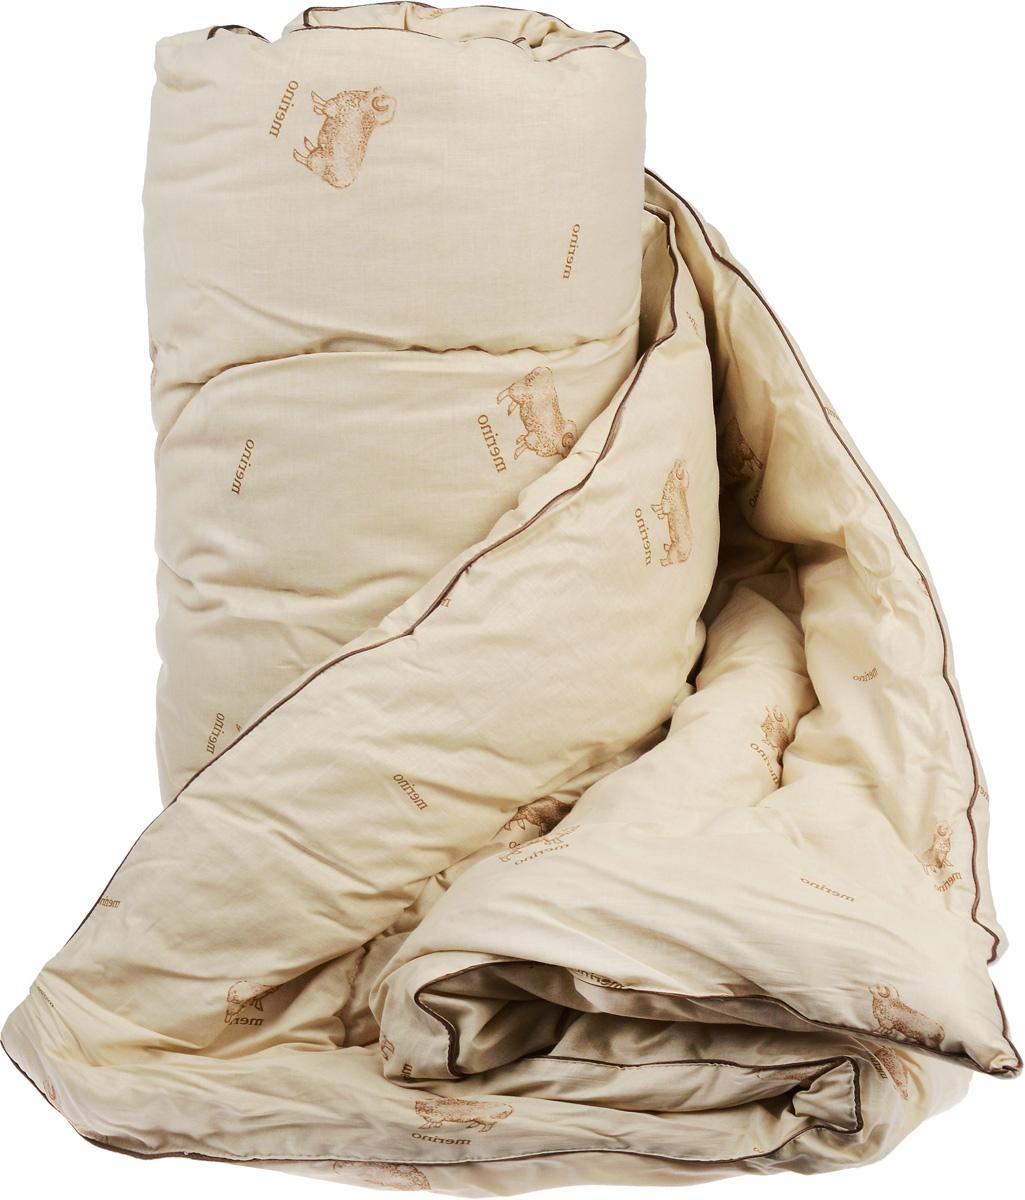 Одеяло теплое Легкие сны Полли, наполнитель: овечья шерсть, 200 x 220 см10503Теплое стеганое одеяло Легкие сны Полли с наполнителем из овечьей шерсти расслабит, снимет усталость и подарит вам спокойный и здоровый сон.Шерстяные волокна, получаемые из овечьей шерсти, имеют полую структуру, придающую изделиям высокую износоустойчивость. Чехол одеяла, выполненный из 100% хлопка. Одеяло простегано. Стежка надежно удерживает наполнитель внутри и не позволяет ему скатываться.Рекомендации по уходу:Отбеливание, стирка, барабанная сушка и глажка запрещены. Разрешается химчистка.